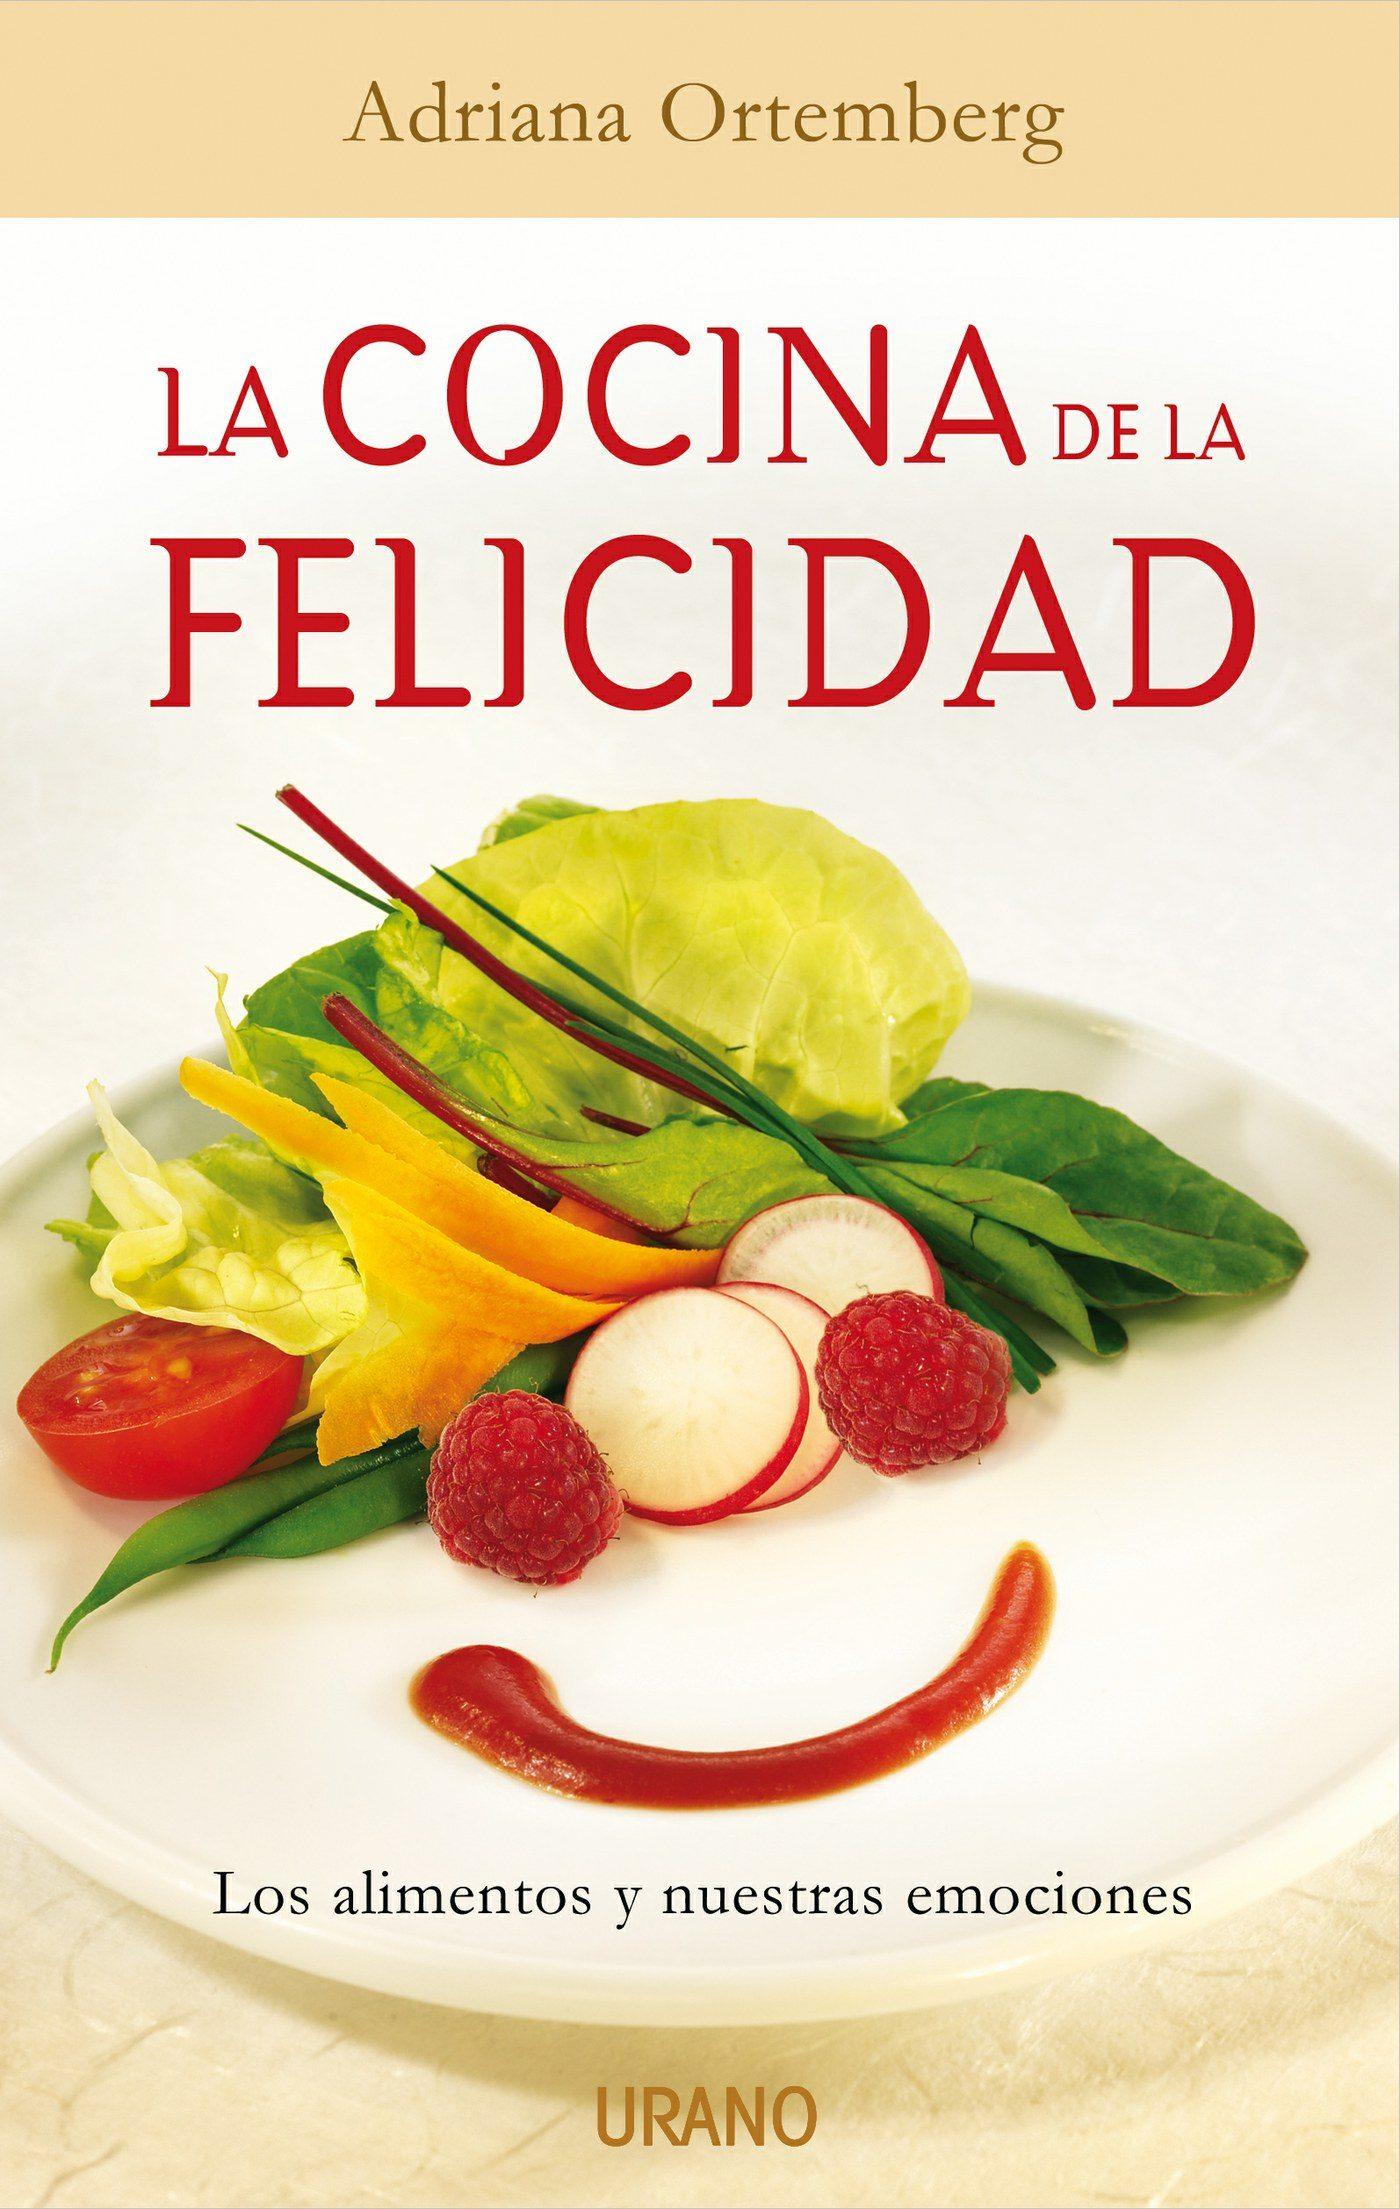 La cocina de la felicidad for Pdf de cocina